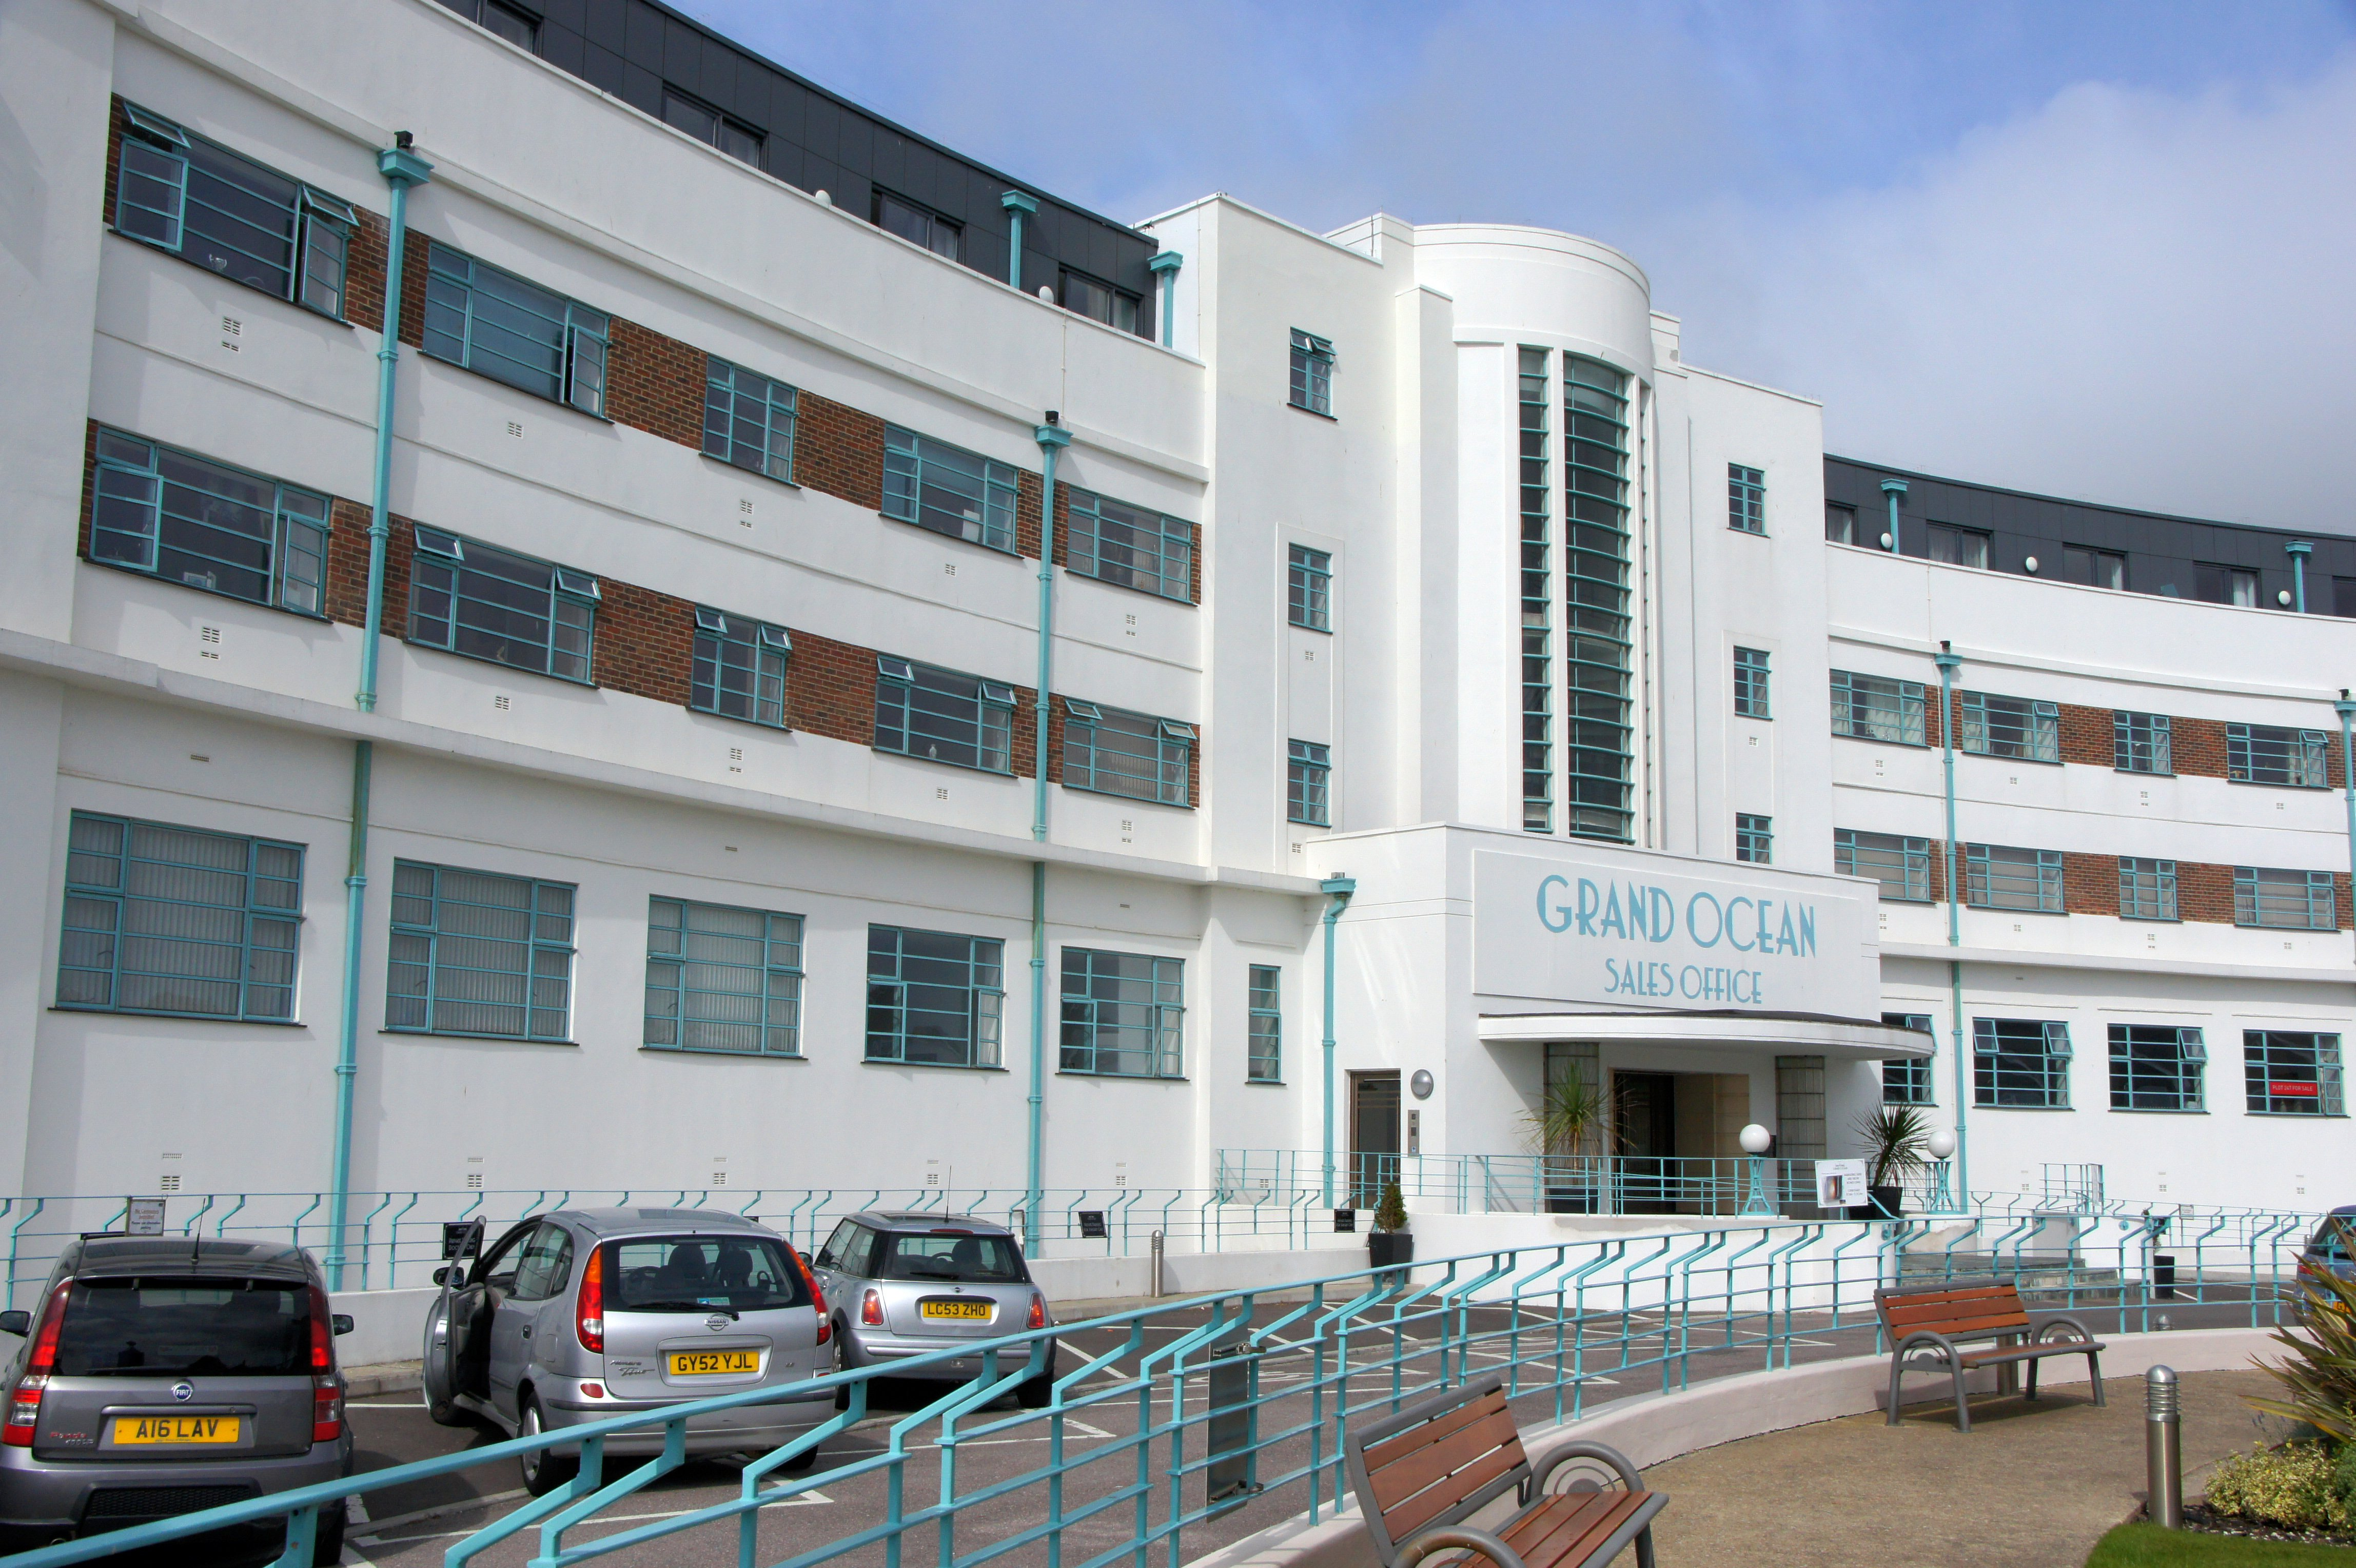 Grand Ocean Hotel Brighton